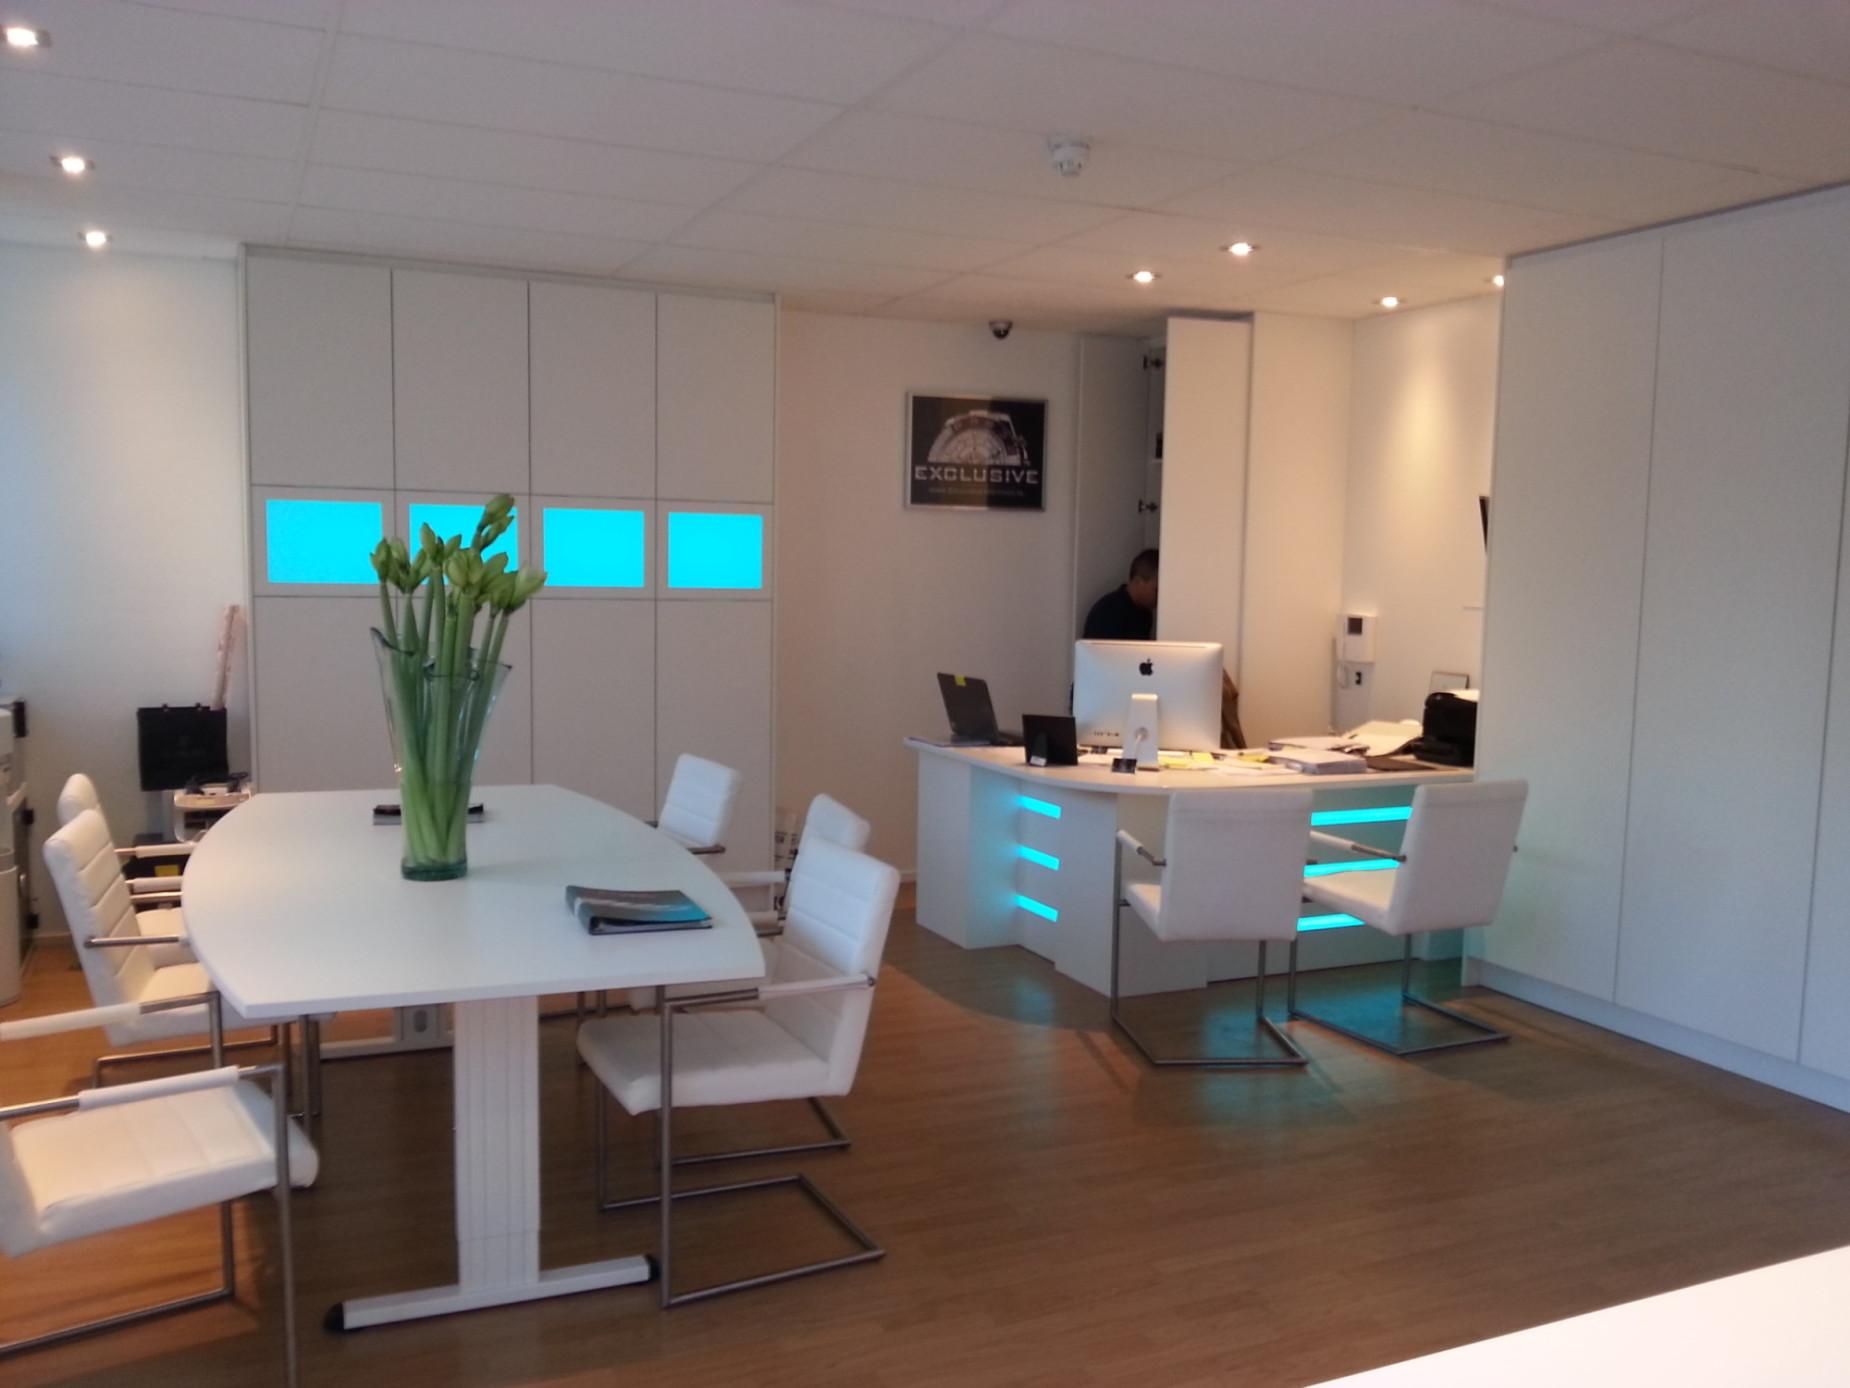 Kantoor inrichting rimo interieurdesign for Inrichting kantoor